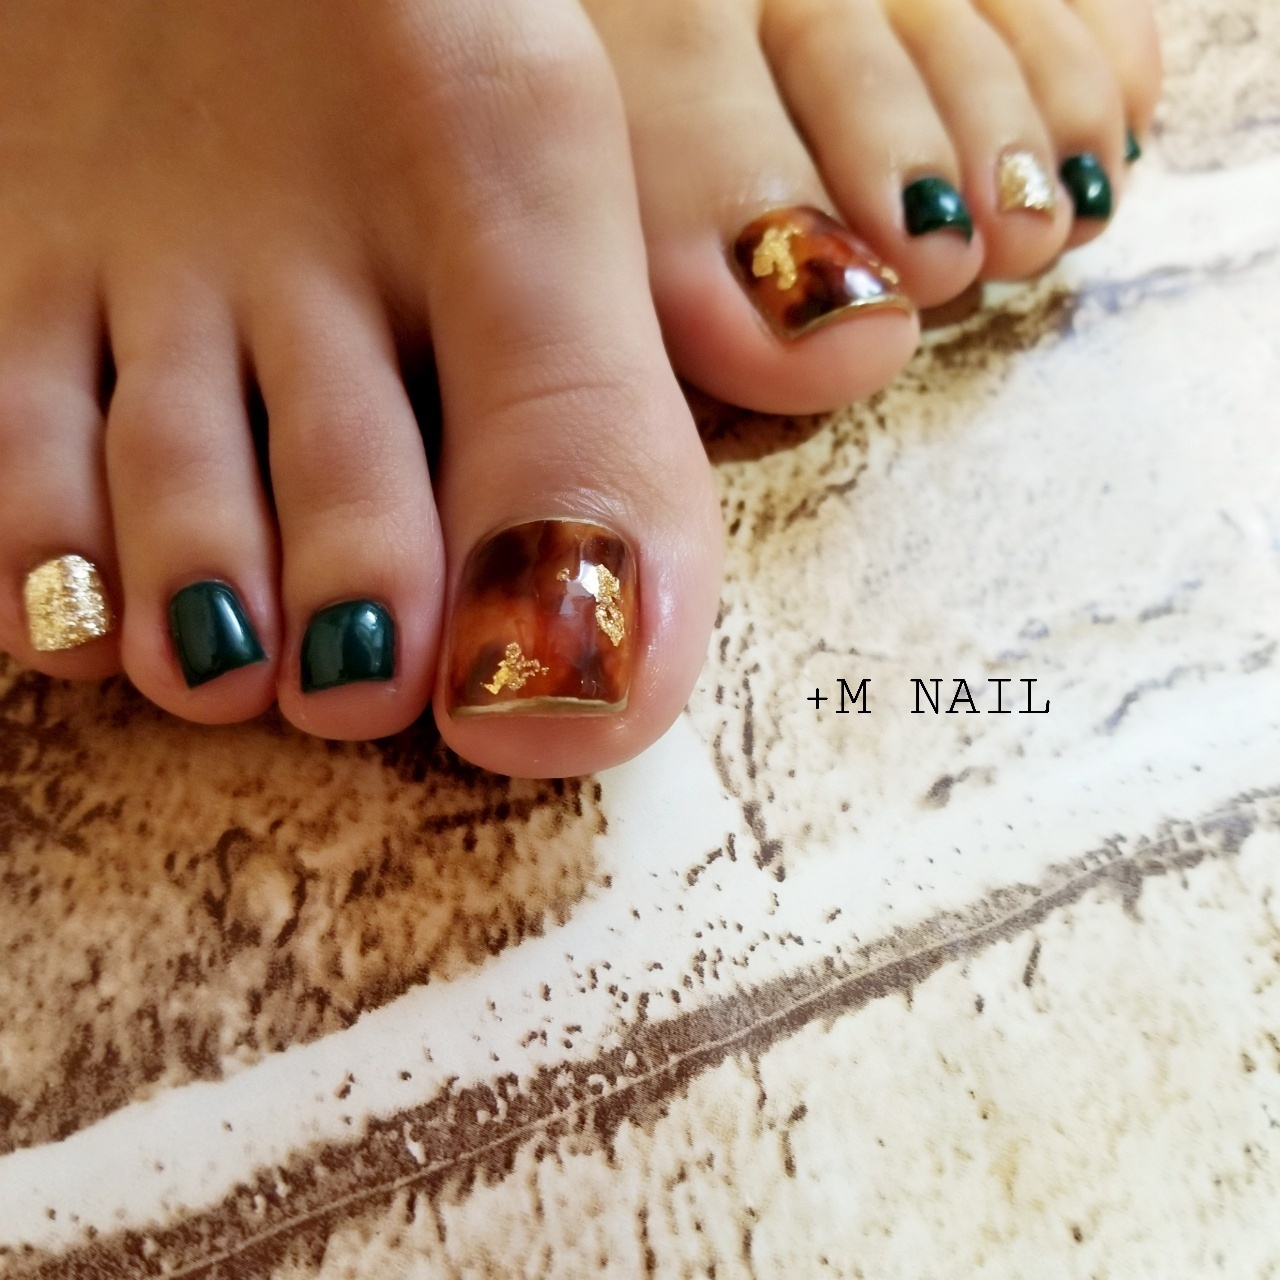 #nails #ジェル #ジェルネイル #ネイル #ネイルサロン #ネイルデザイン #大人可愛い #フットネイル #べっ甲ネイル #ワンカラーネイル #カジュアルネイル #トレンドネイル #おしゃれネイル